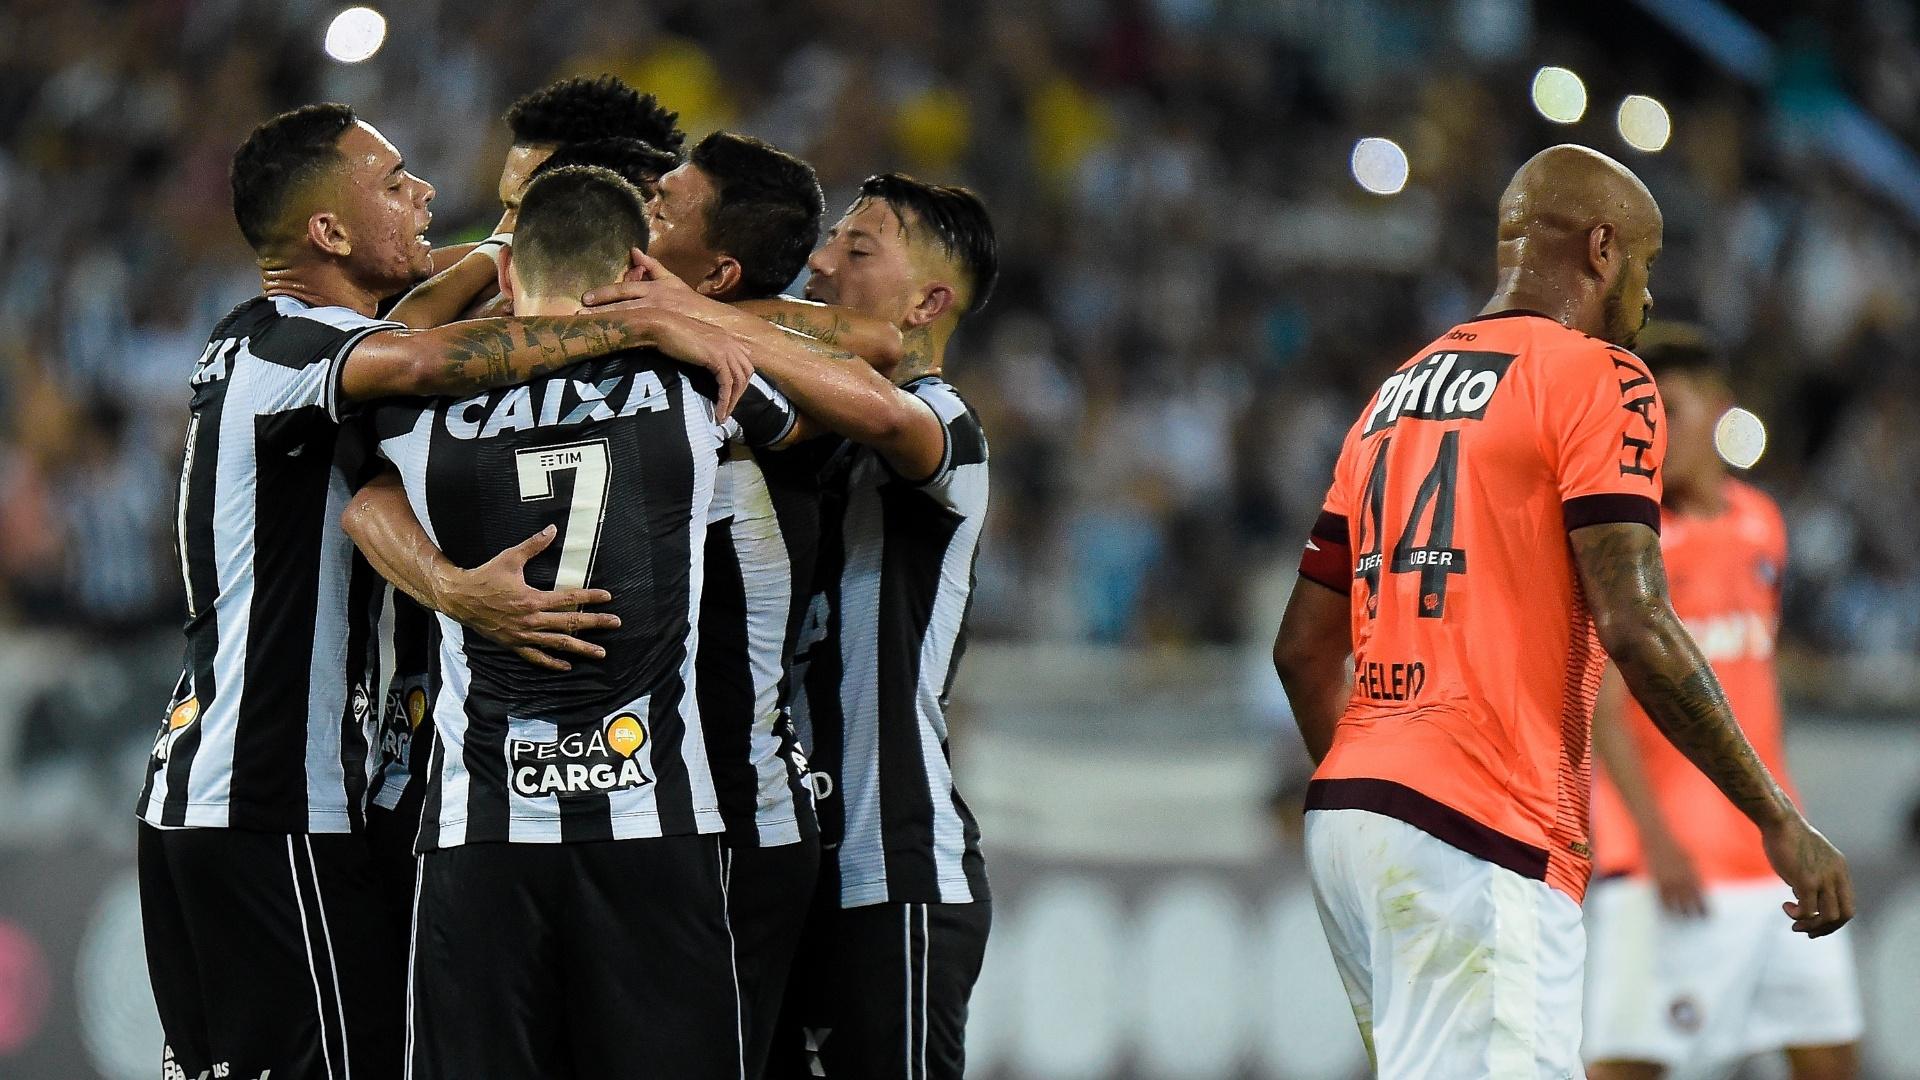 Jogadores do Botafogo comemoram gol contra o Atlético-PR em jogo do Brasileirão